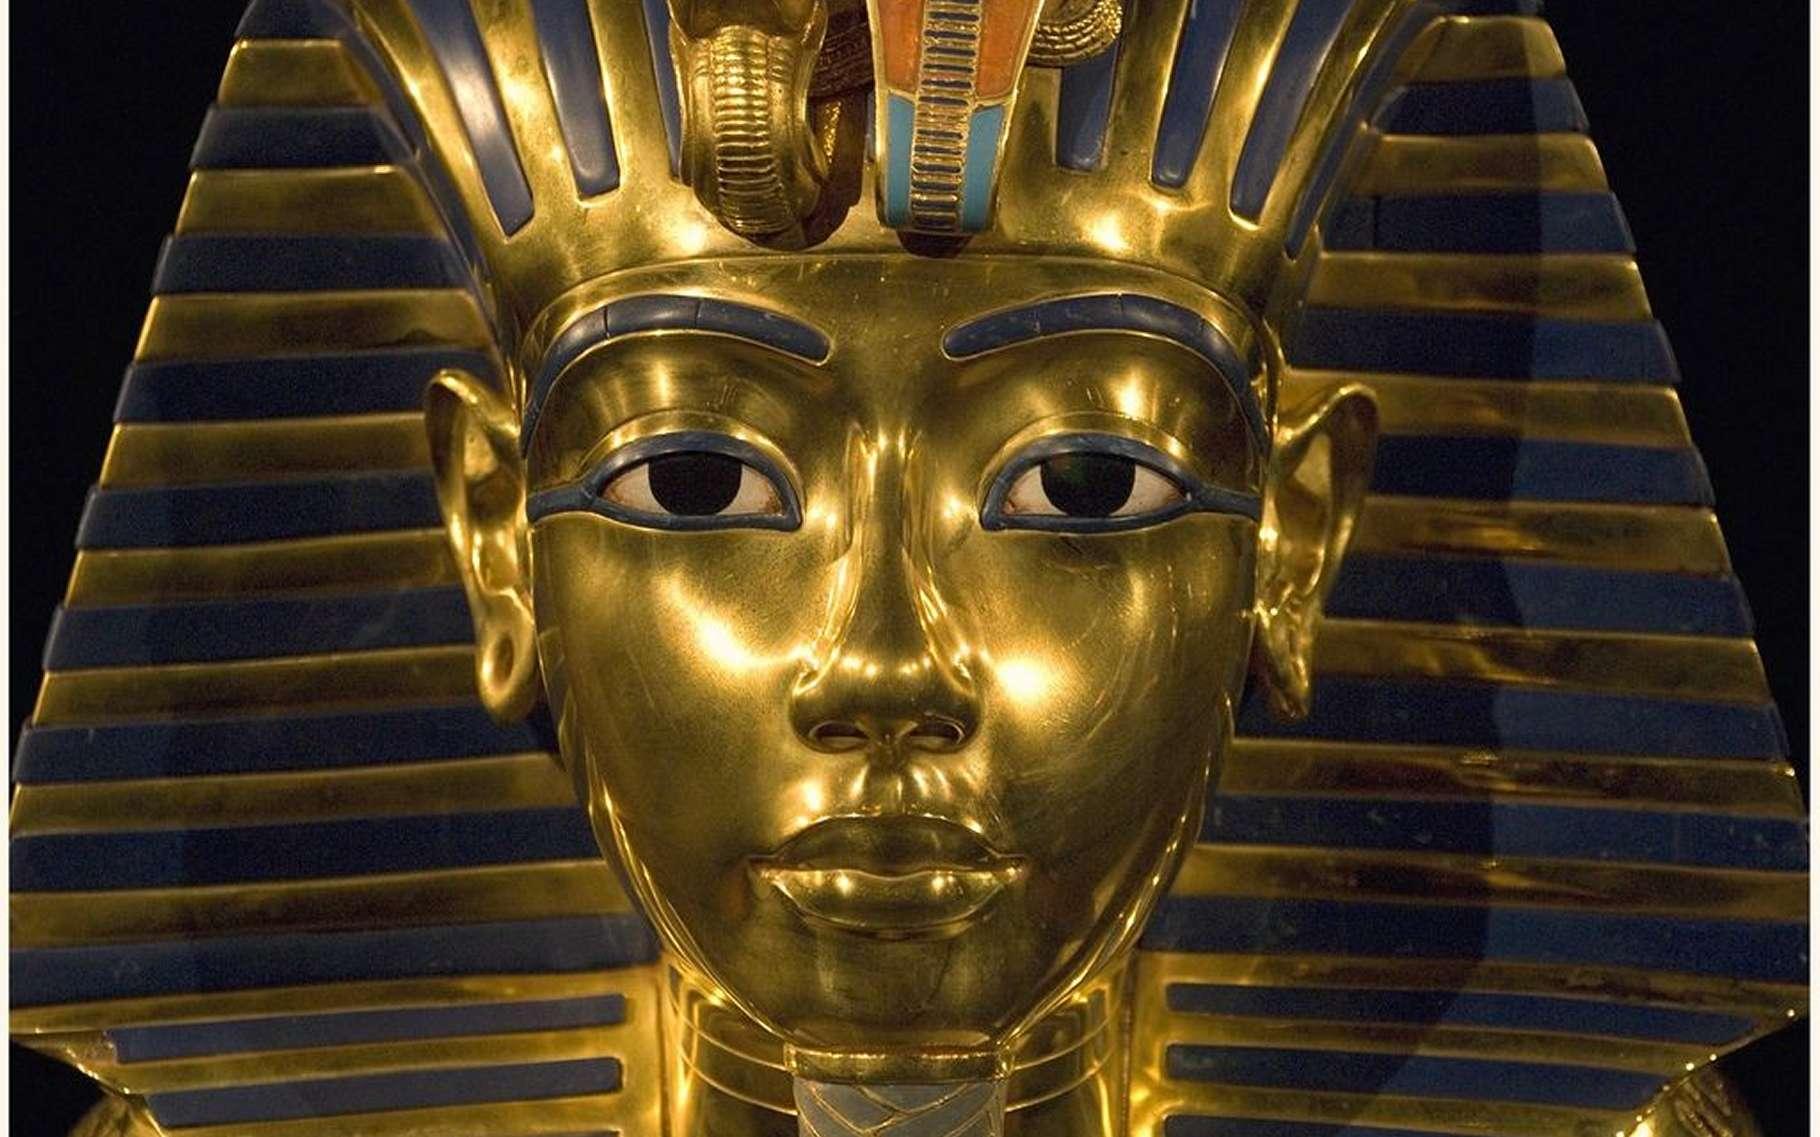 Le célèbre masque funéraire de Toutânkhamon. Enterré avec faste, le jeune pharaon mort à 19 ans a régné peu de temps et probablement sous la tutelle des prêtres. Son tombeau semble receler une chambre murée. Selon un ancien ministre égyptien, elle renfermerait « un trésor ». © Harry Potts, Flickr, CC by-sa 2.0